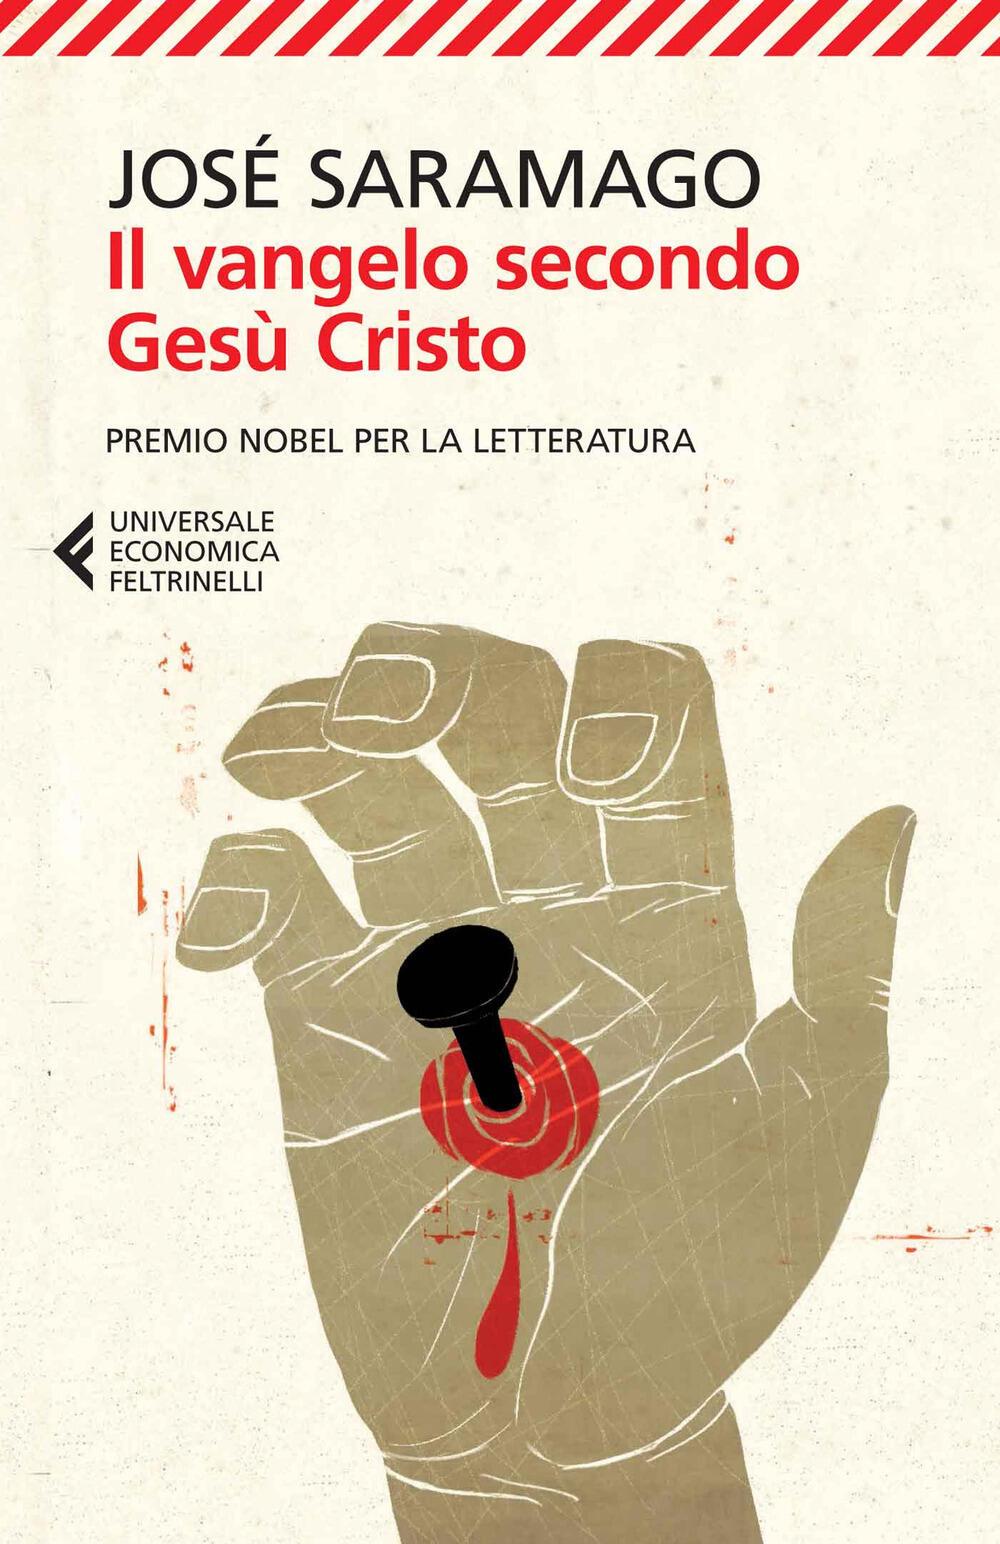 Top Il Vangelo secondo Gesù Cristo - José Saramago - Libro  HN28